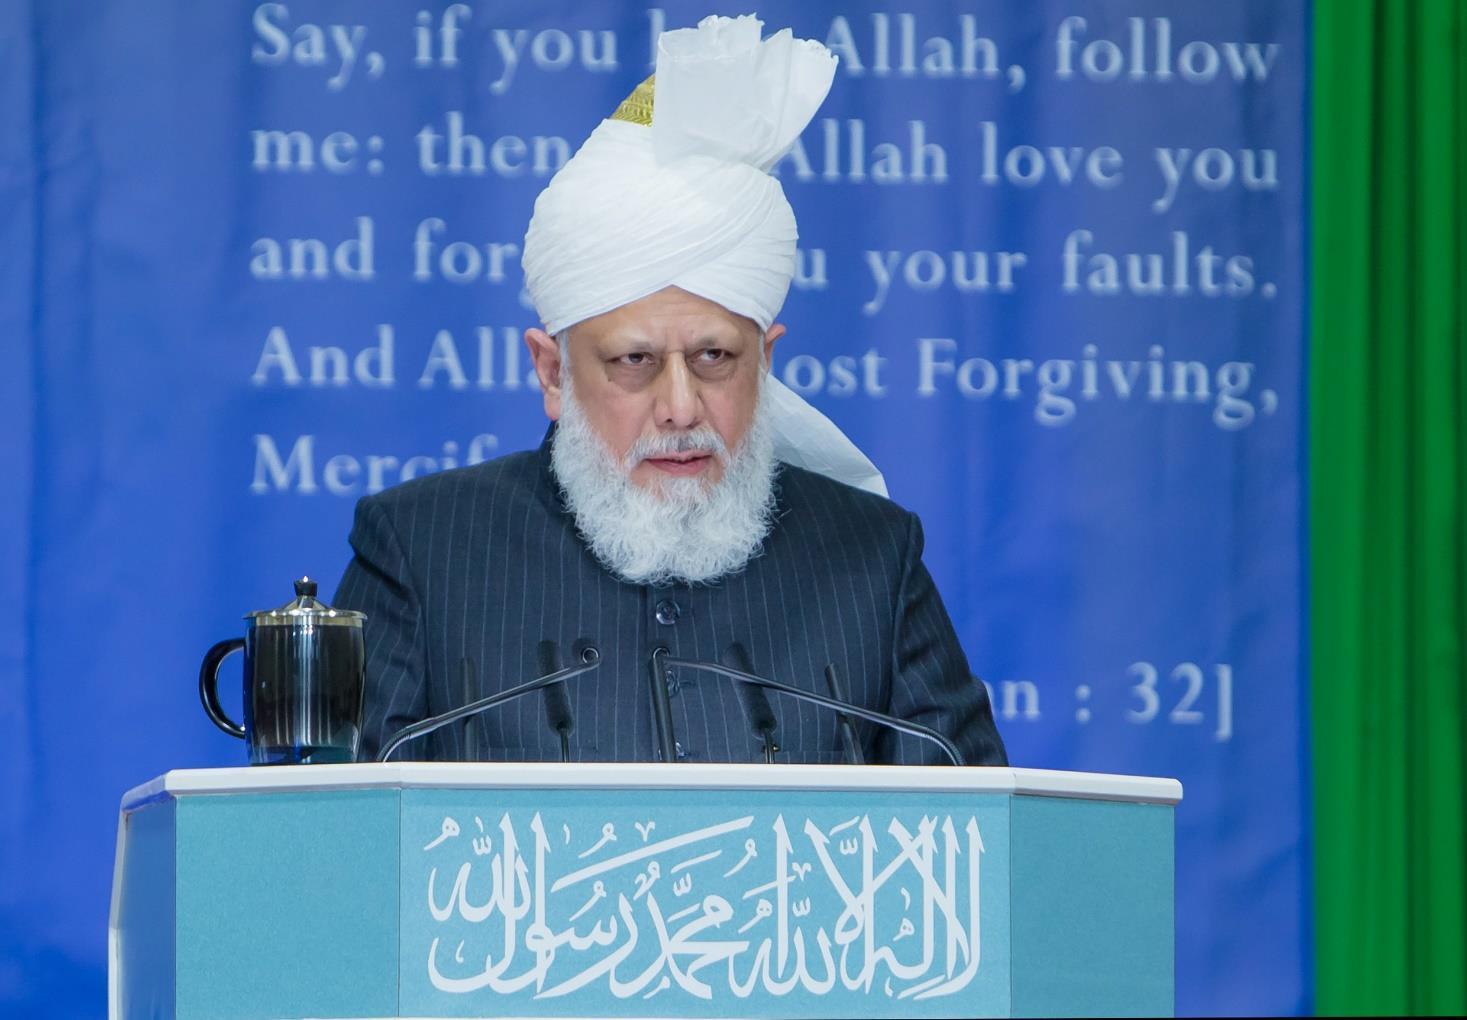 Head of Ahmadiyya Muslim Community addresses female Muslim youth event in London